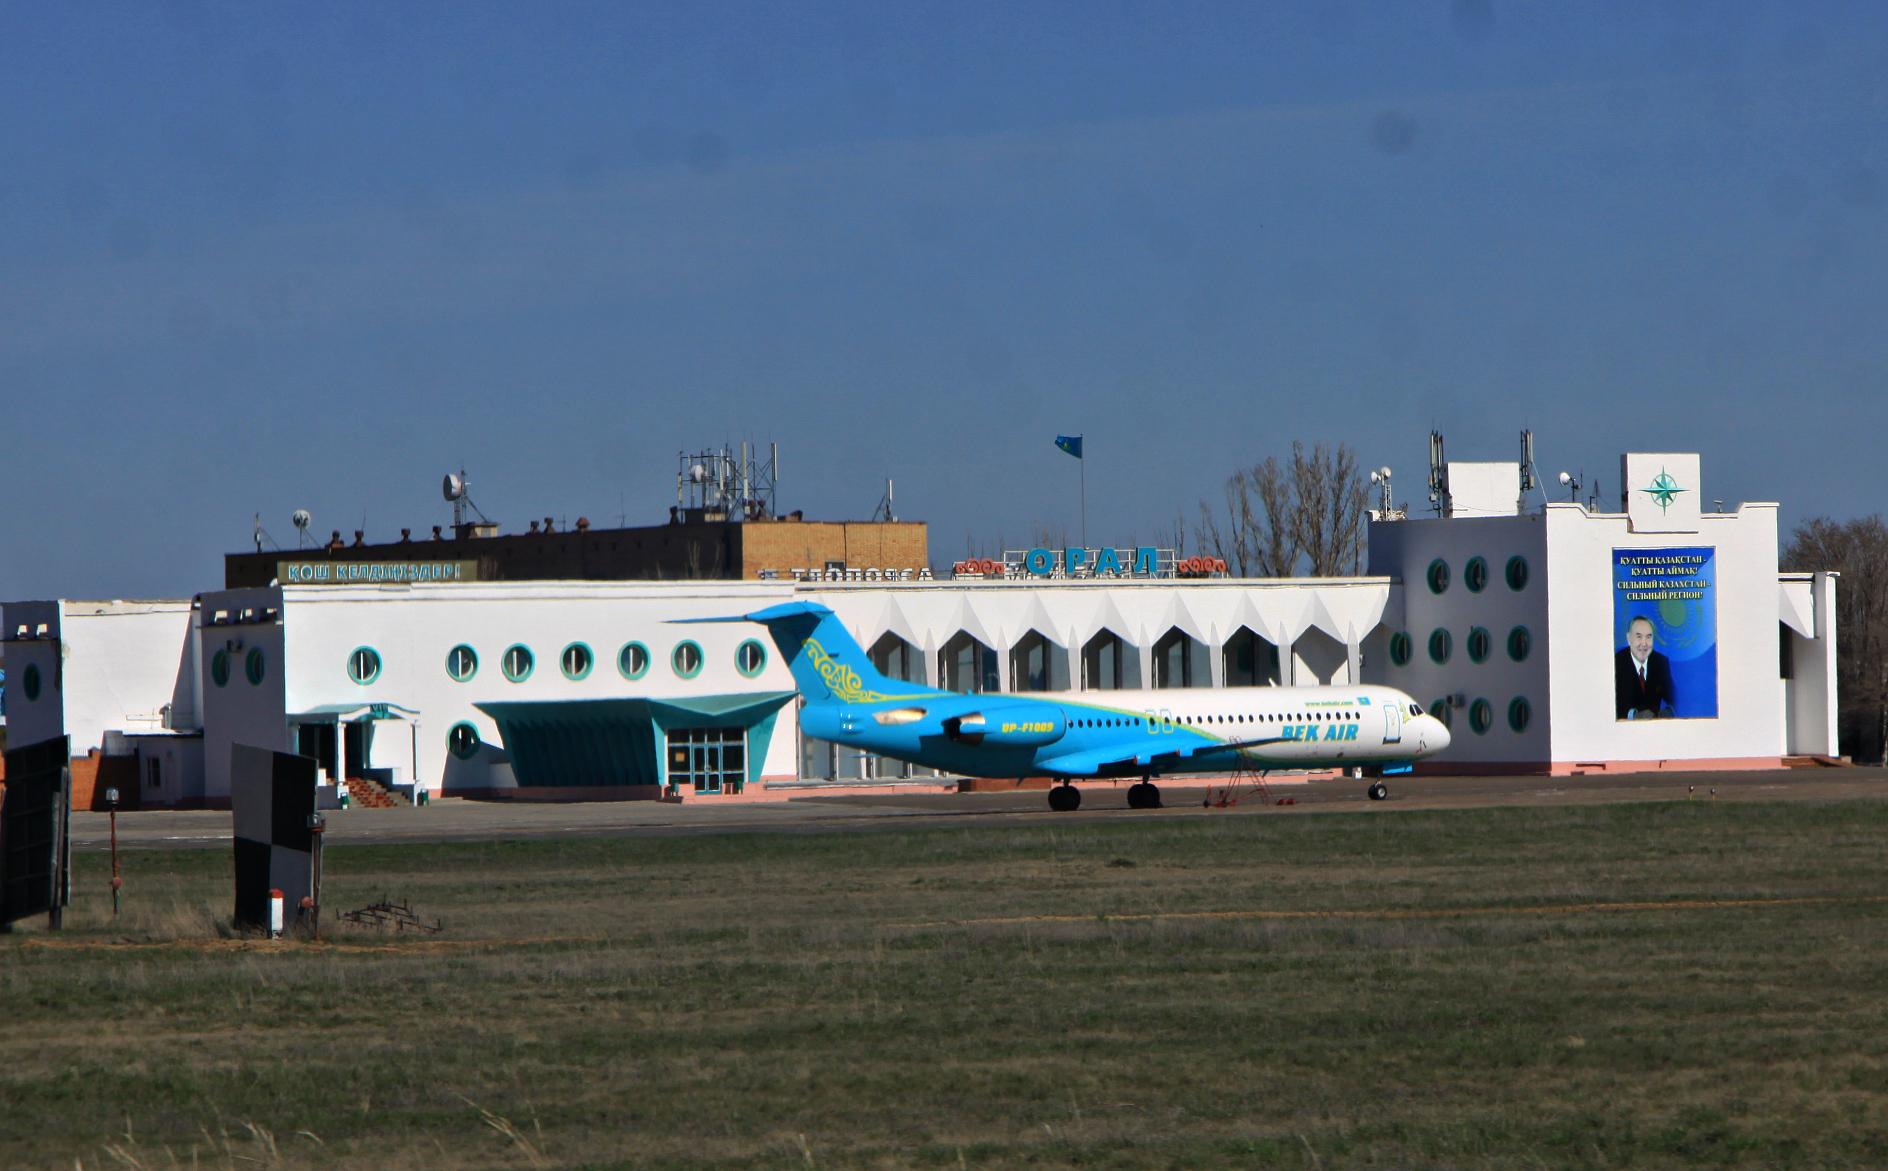 Около двух миллиардов тенге выделил акимат ЗКО на ремонт аэропорта в Уральске